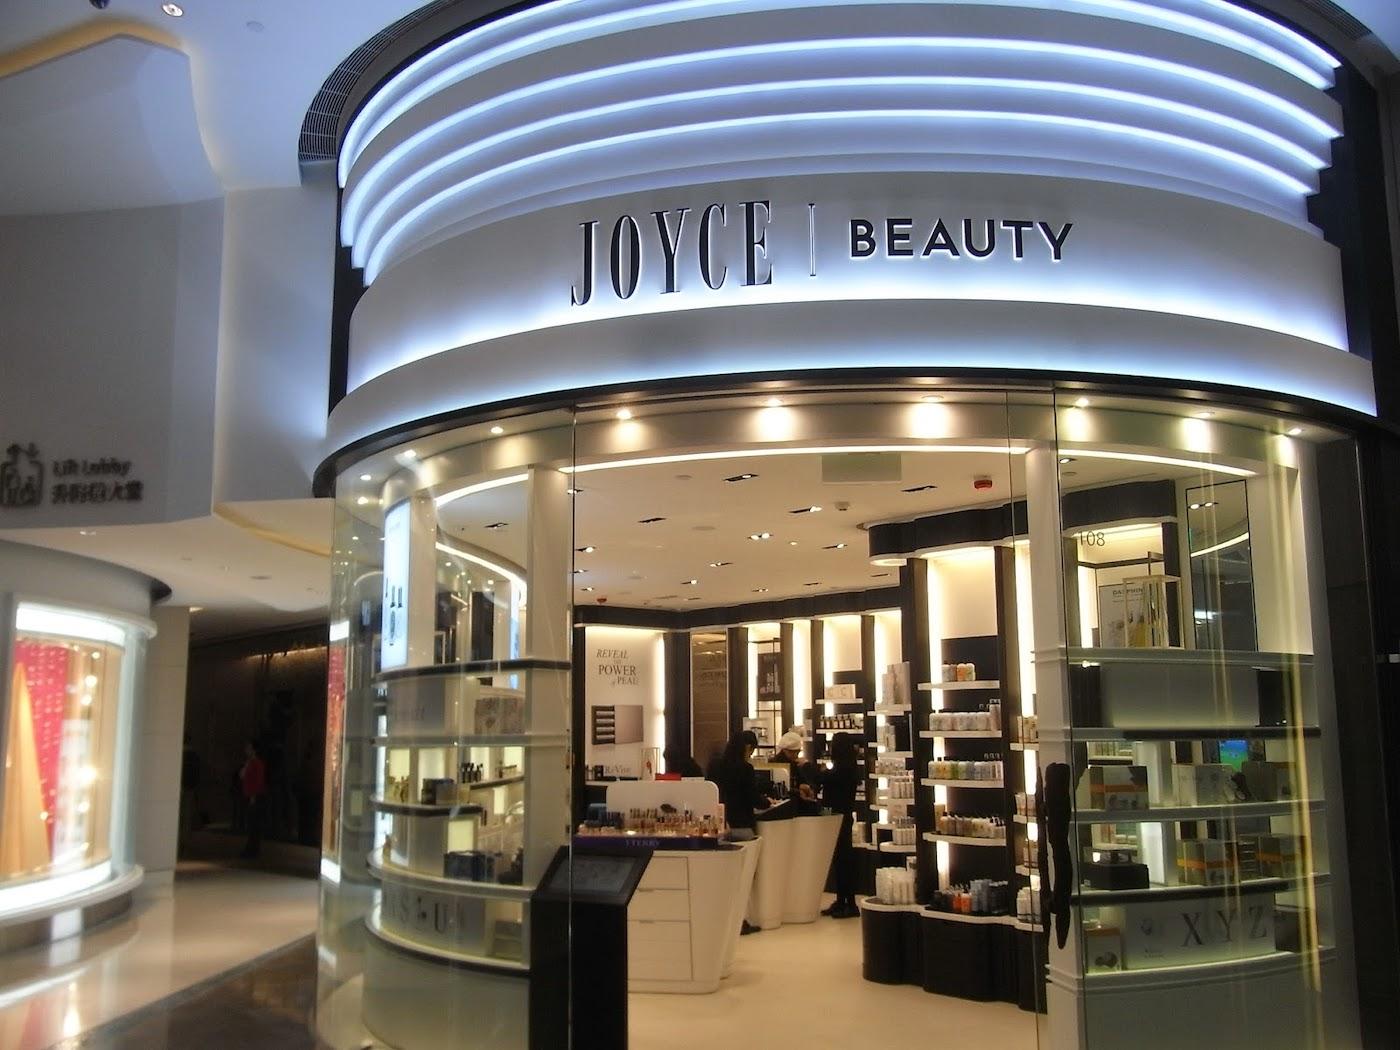 Joyce Beauty